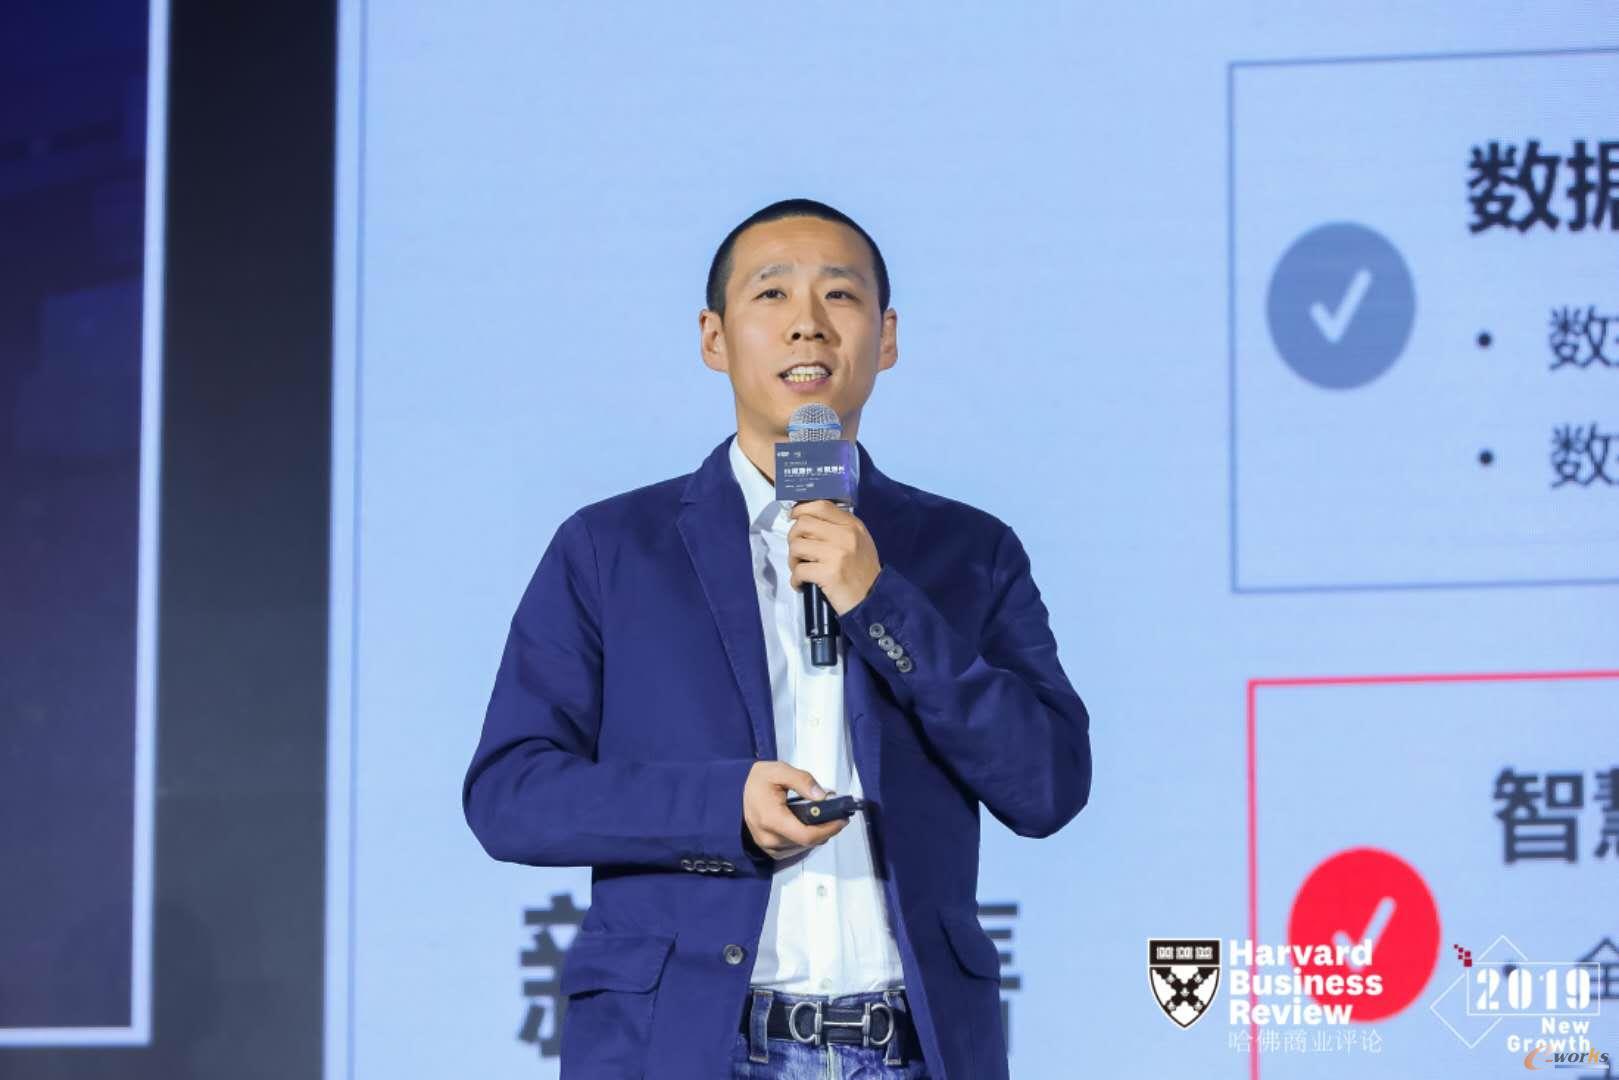 冯海龙 黑龙江飞鹤乳业有限公司 CIO